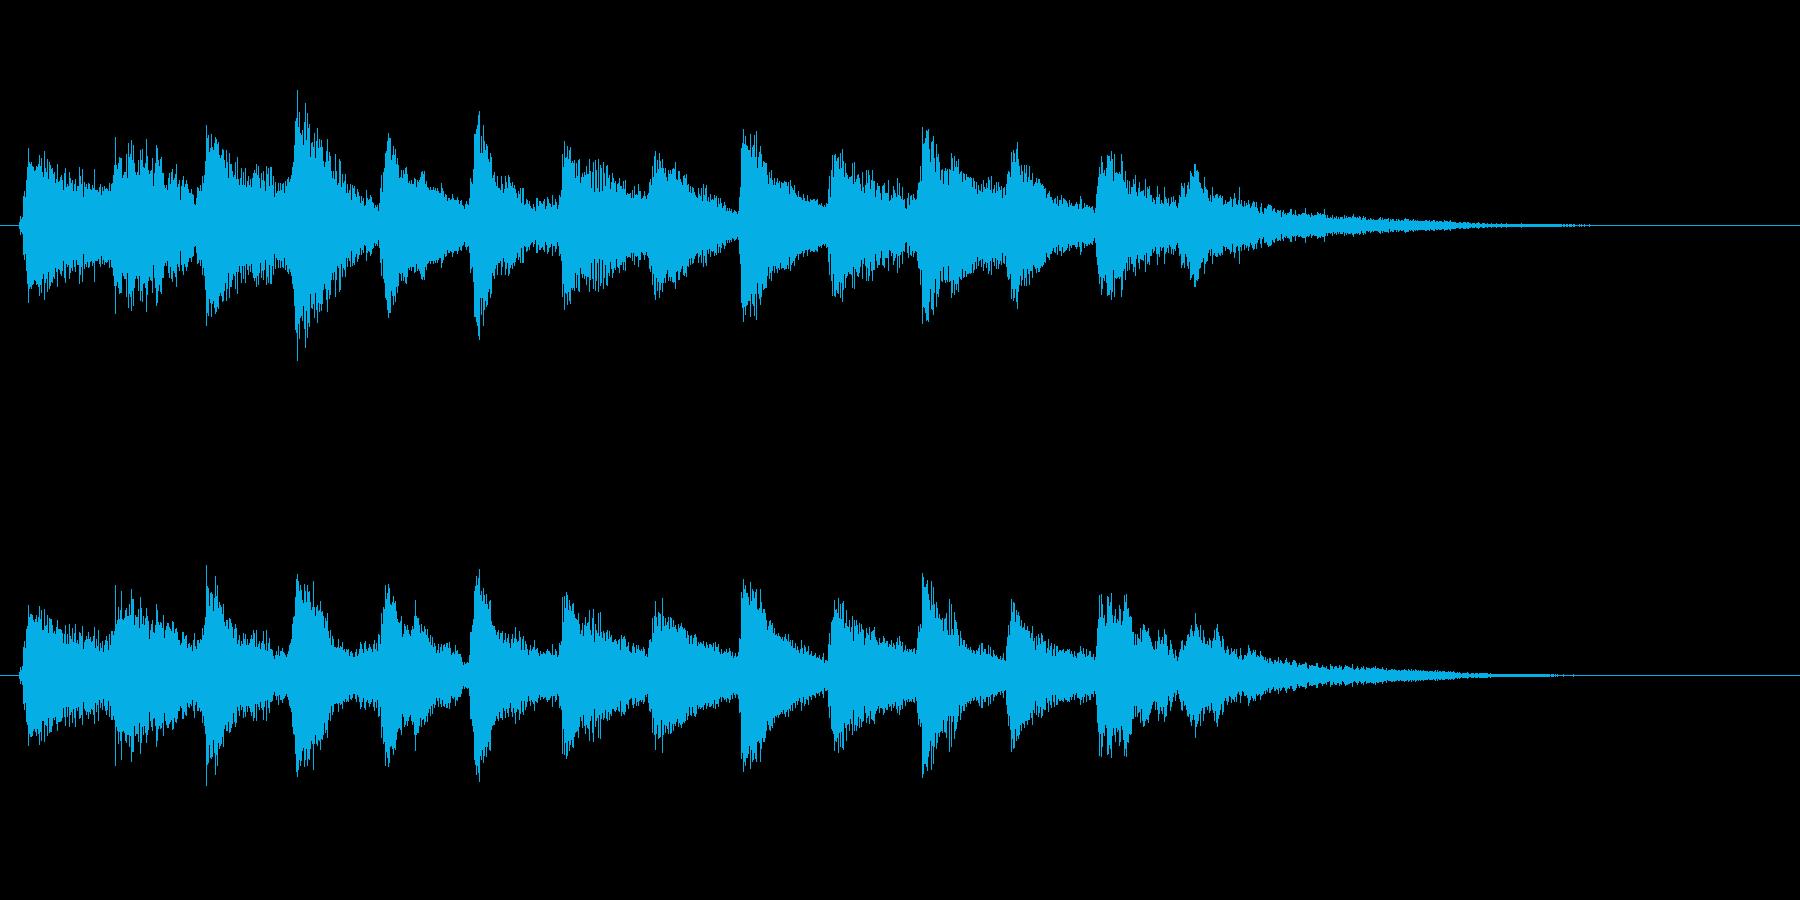 企業ロゴ表示用サウンドロゴ2(和風)の再生済みの波形